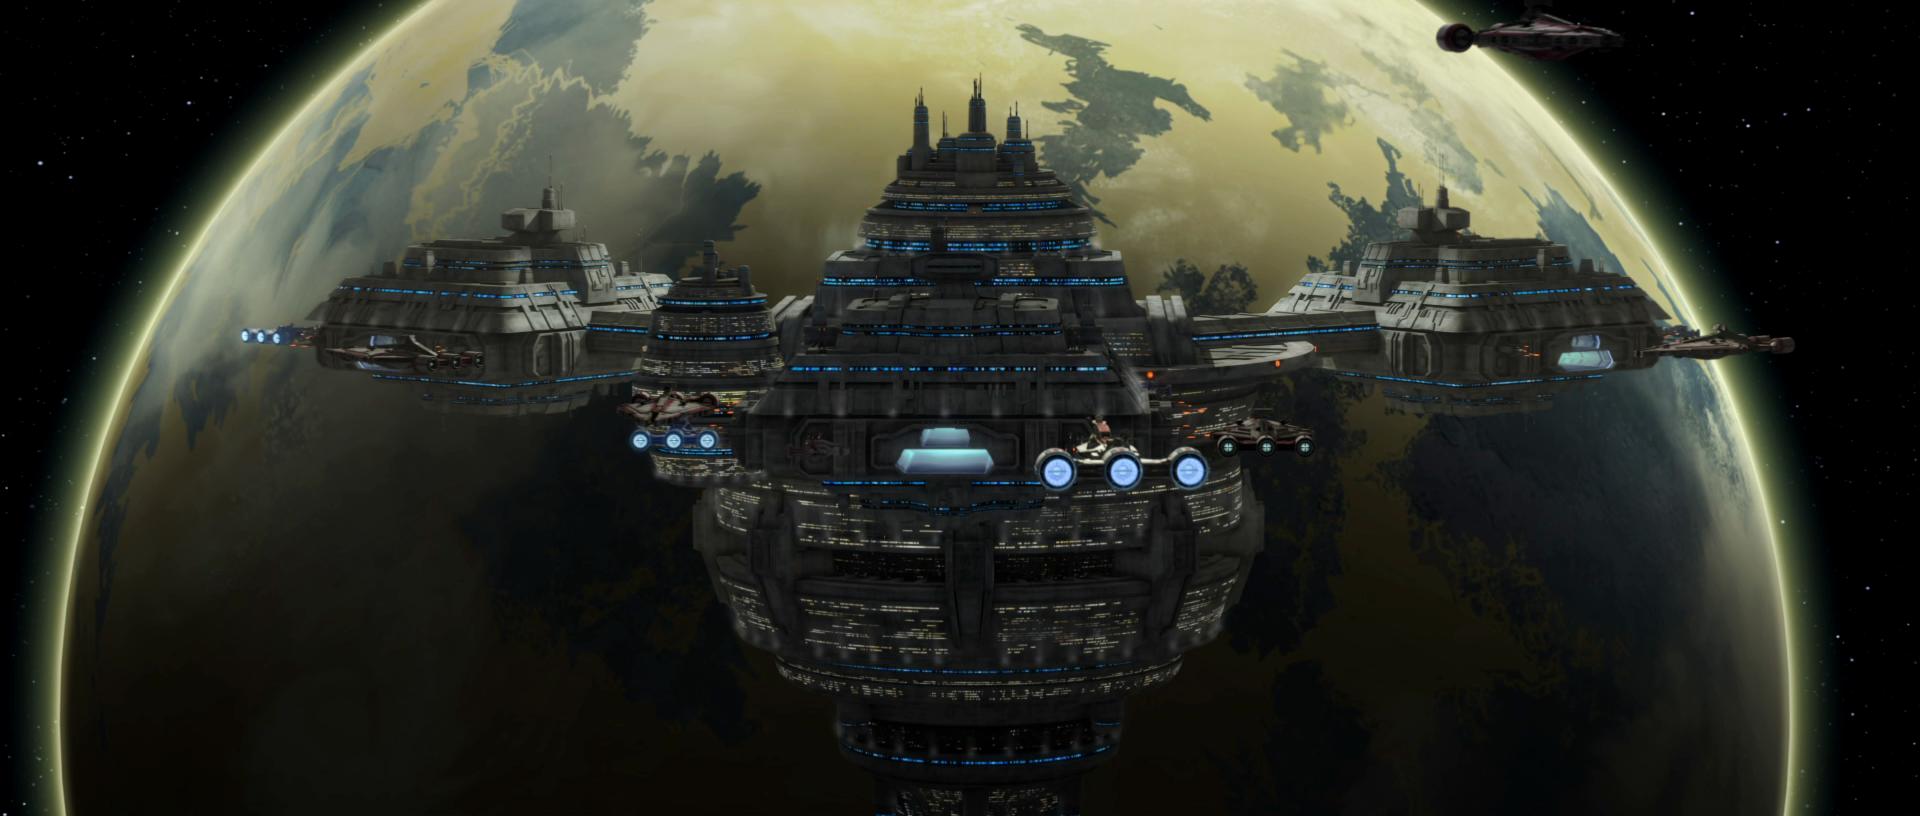 Valor (station spatiale)